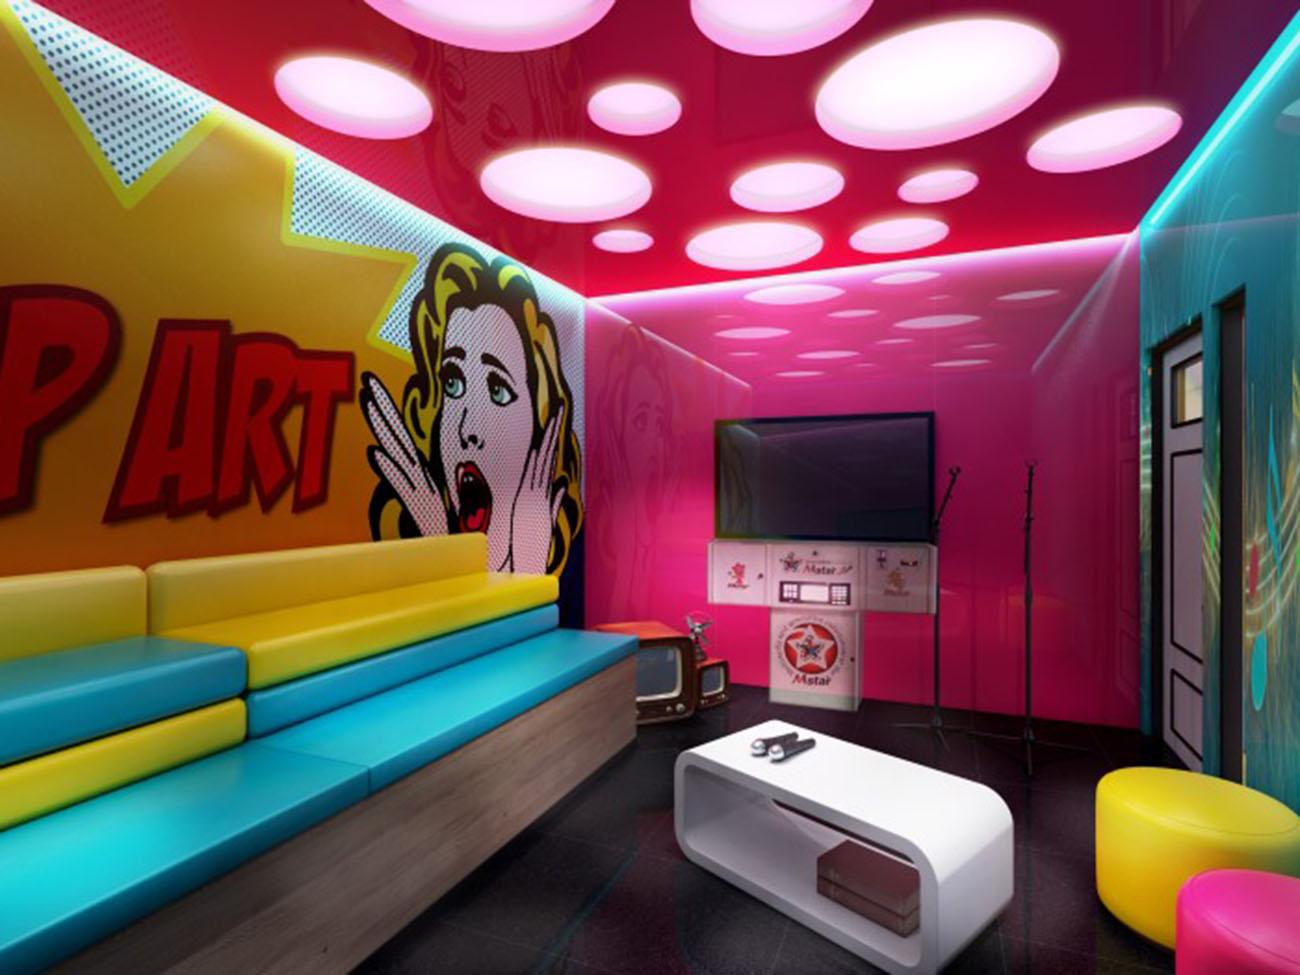 Tông màu tương phản khi thiết kế phòng karaoke biệt thự